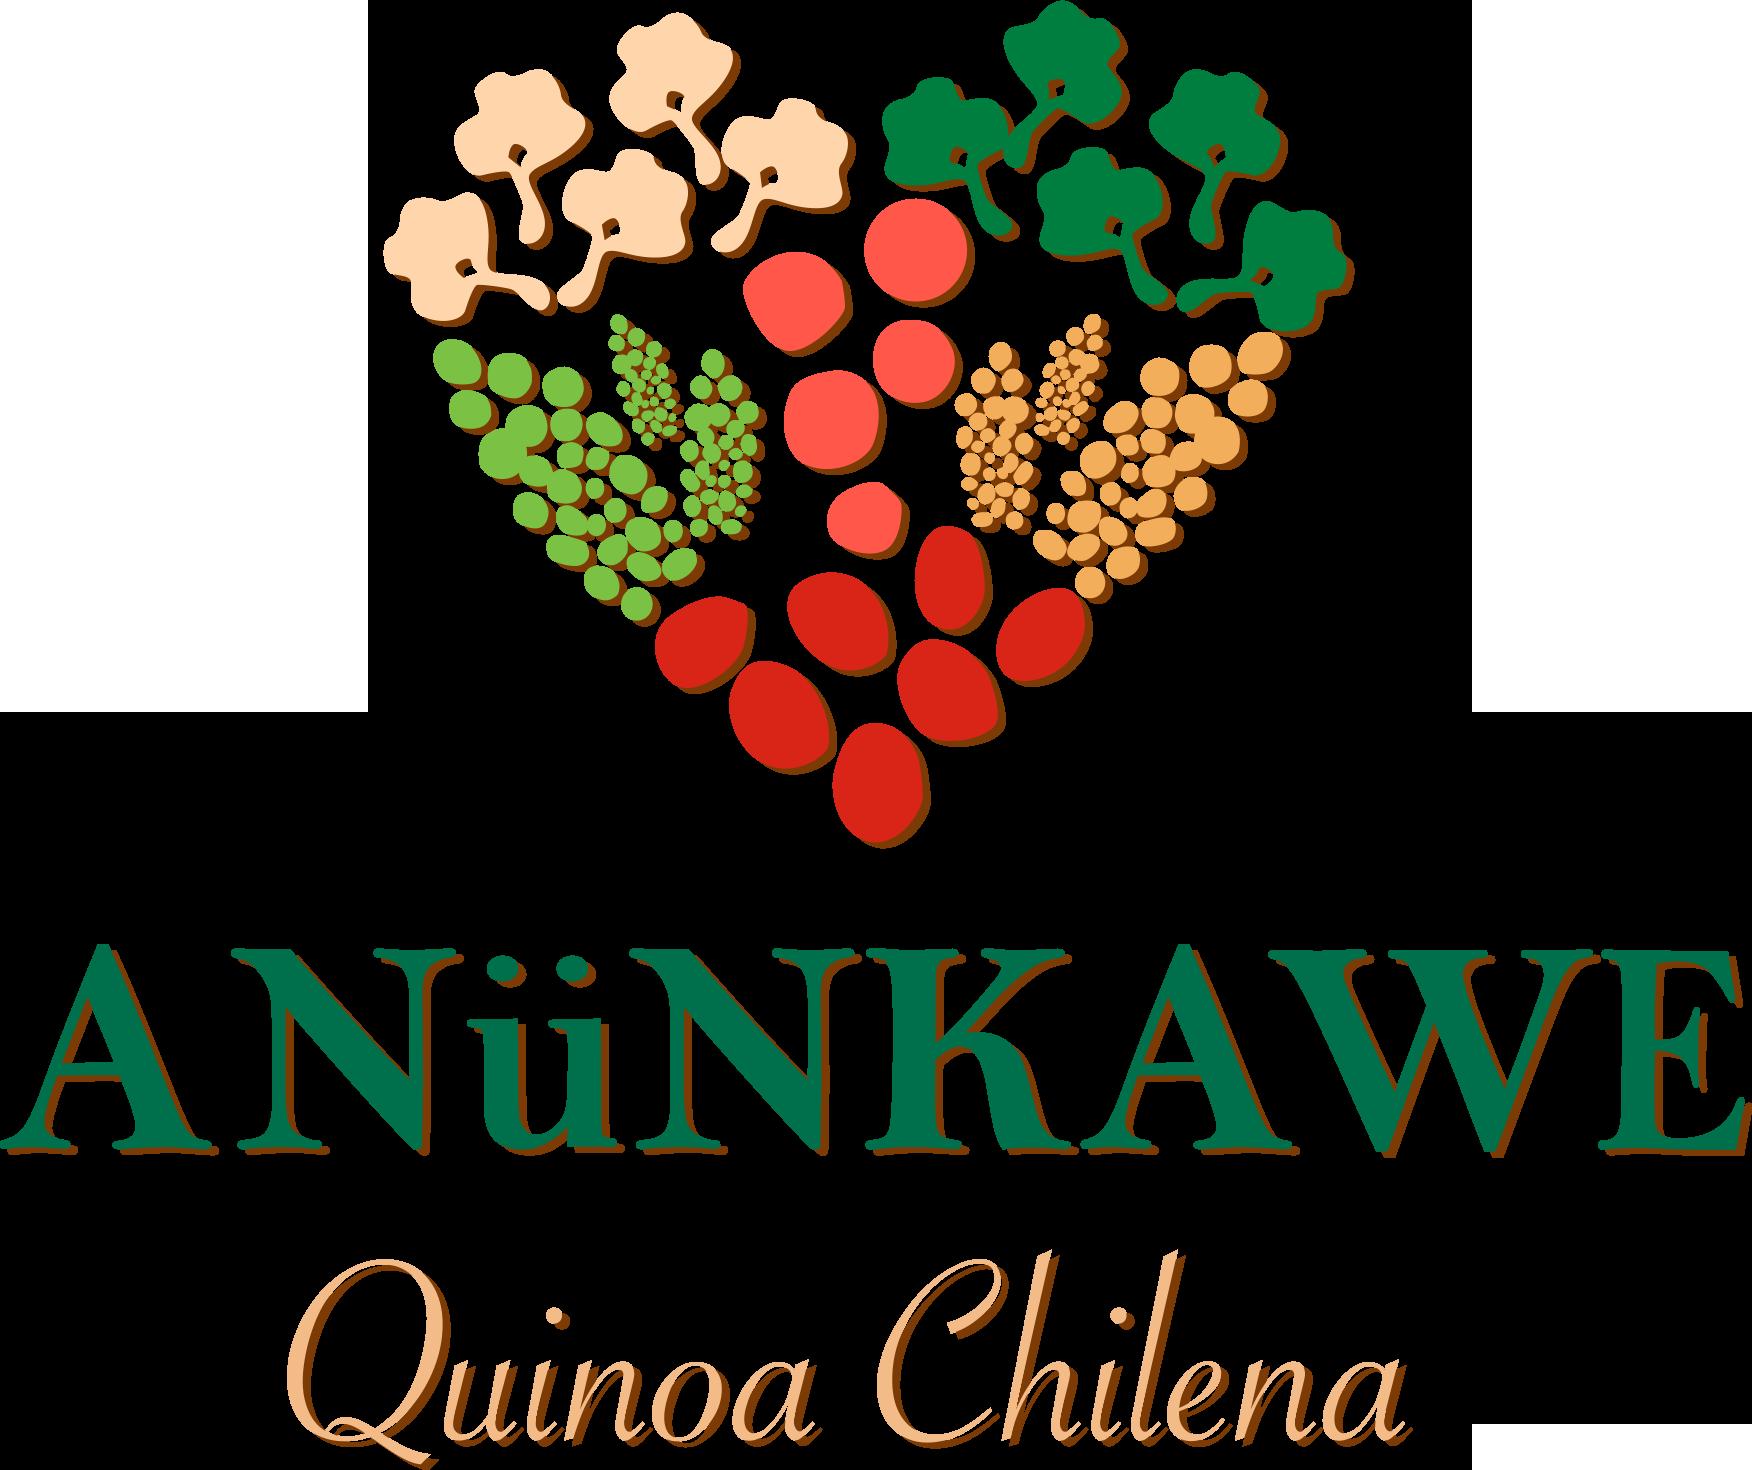 logo anunkawe